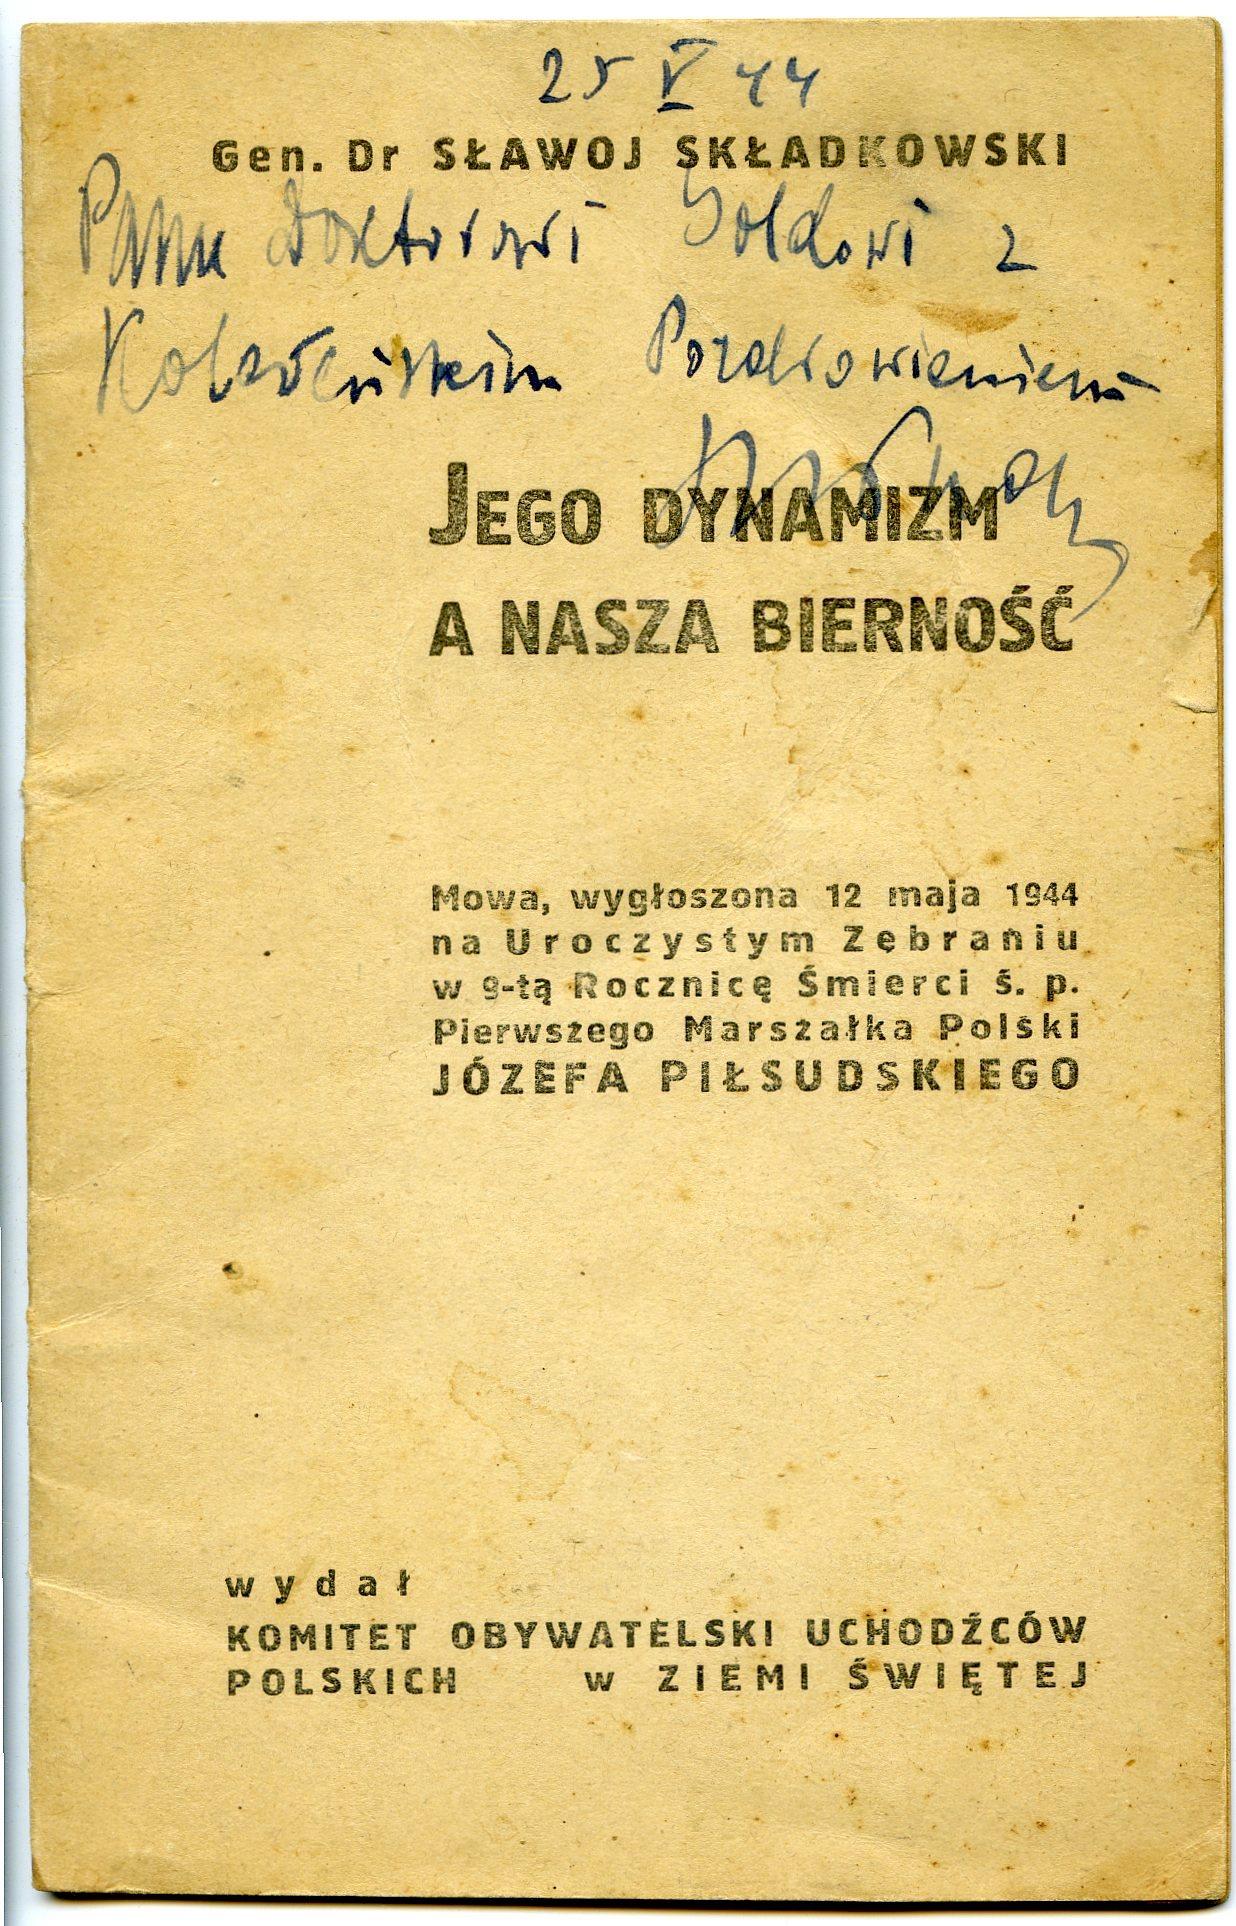 """<div class='inner-box'><div class='close-desc'></div><span class='opis'>Dedykacja: Felicjan Sławoj-Składkowski dla Jerzego Giedroycia. """"Jego dynamizm a nasza bierność"""", Mowa w 9-tą rocznicę śmierci Marszałka Piłsudskiego, Tel Aviv 1944.</span><div class='clearfix'></div><span>Cote du document dedyk048b</span><div class='clearfix'></div><span>© Instytut Literacki</span></div>"""